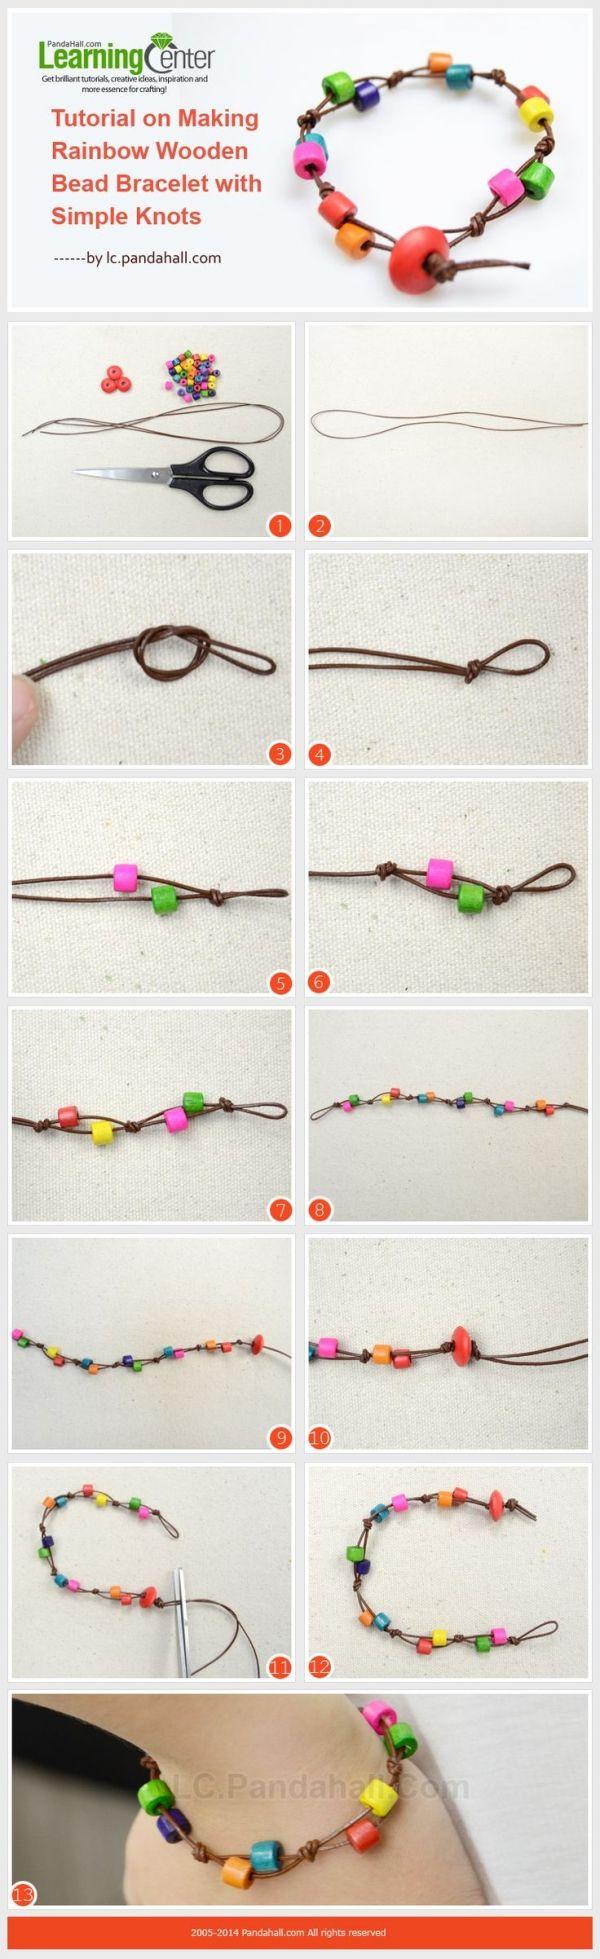 Bild Tutorial auf Herstellung Regenbogen aus Holz-Korn-Armband mit einfachen Knoten.  von margery